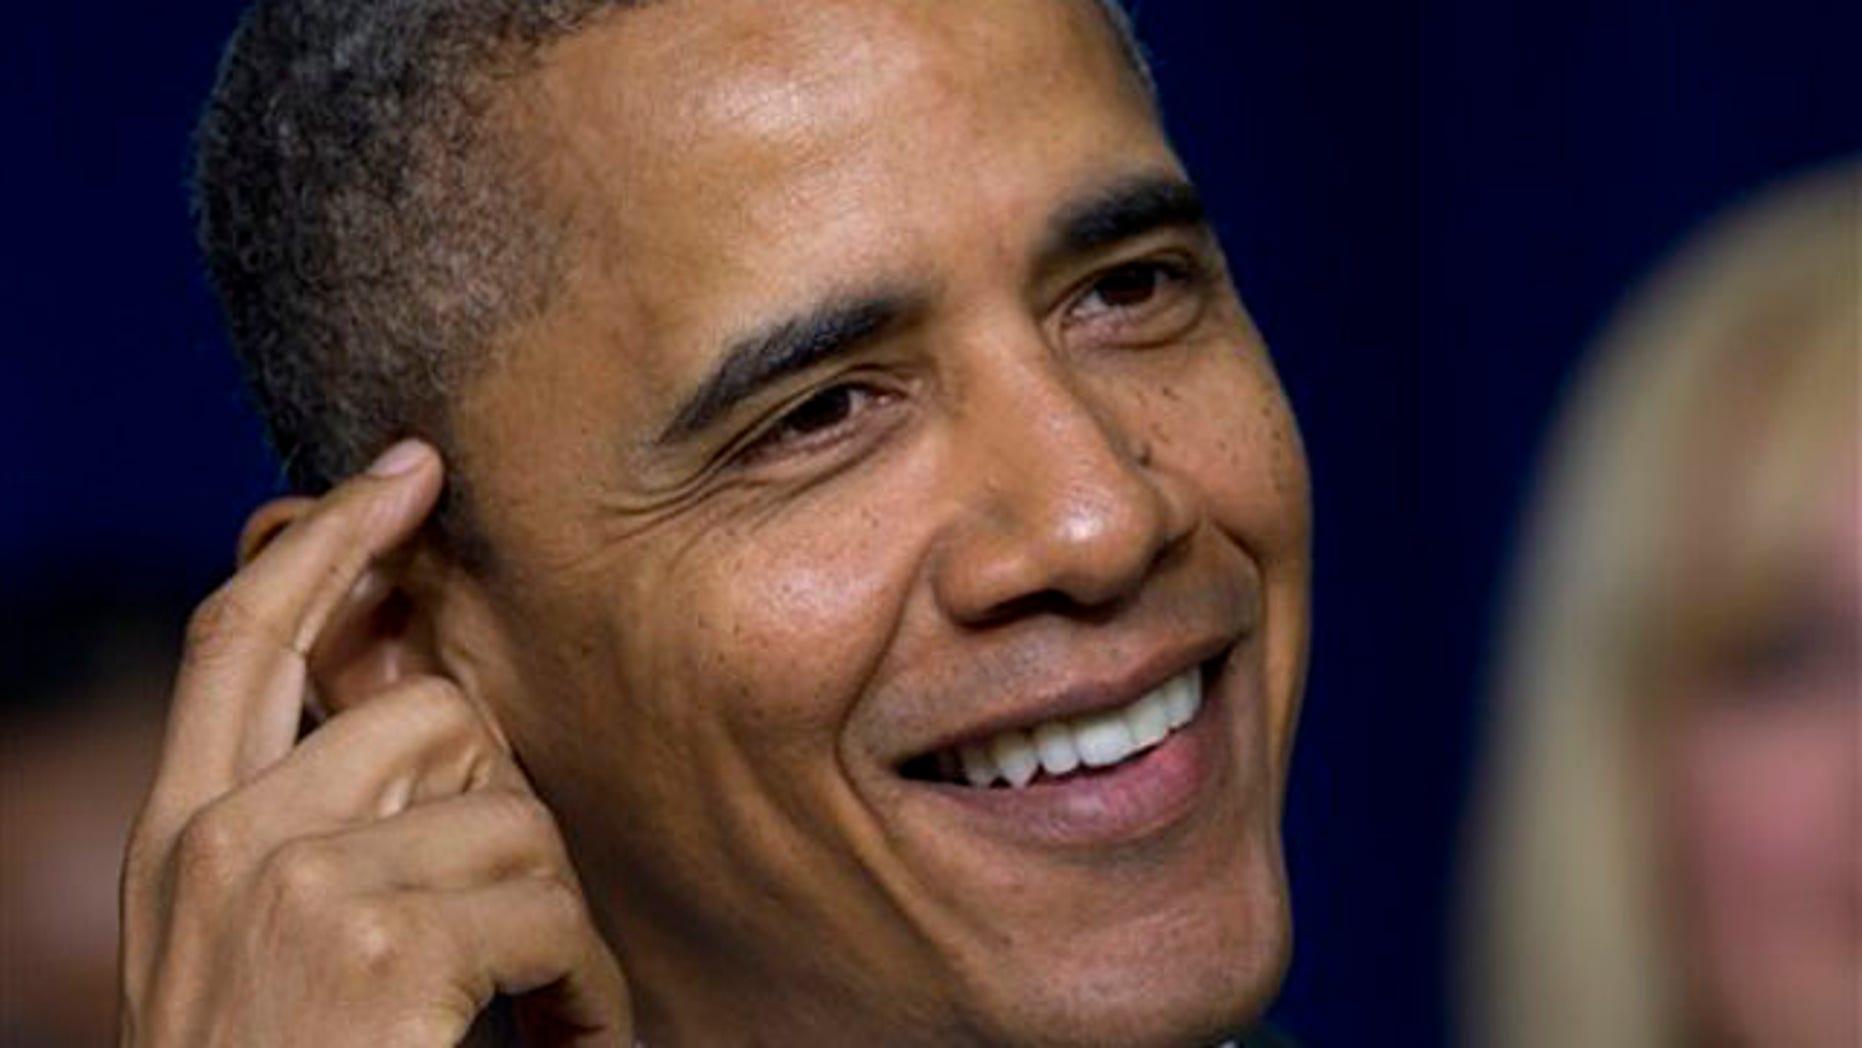 April 6, 2012: President Obama speaks at the White House.